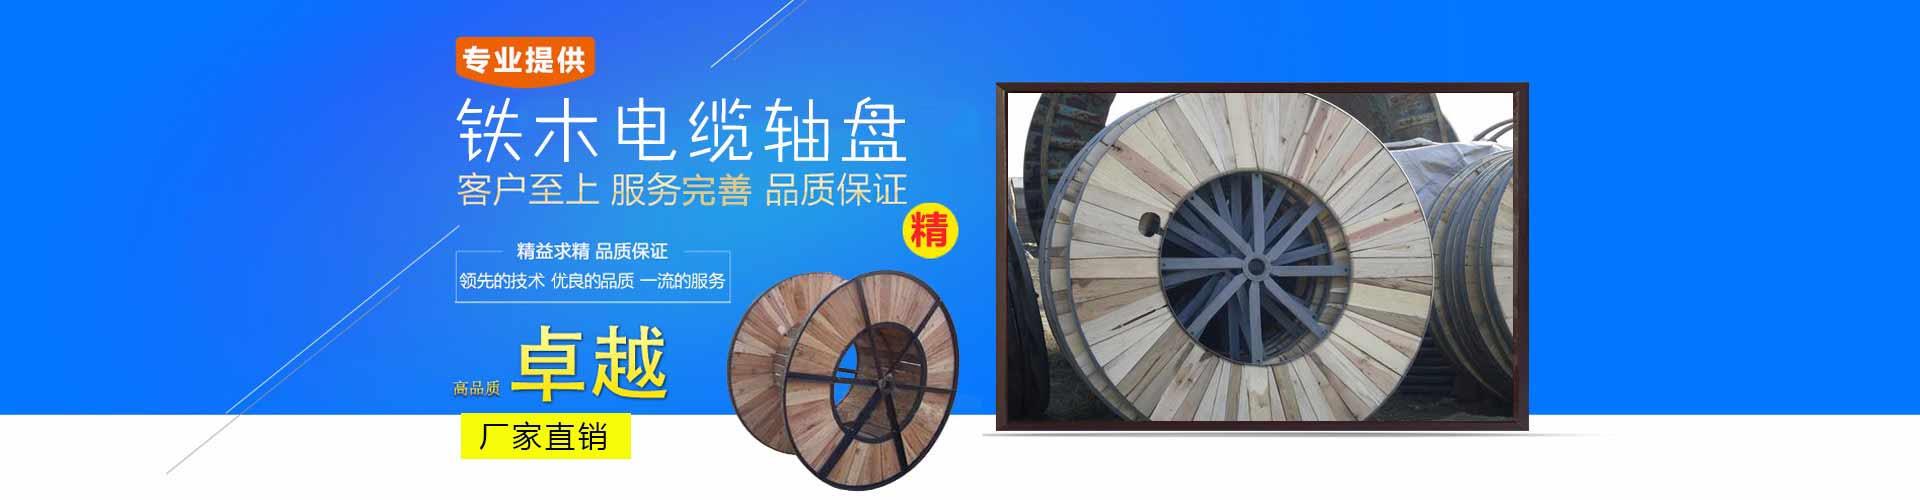 铁木电缆轴盘生产厂家